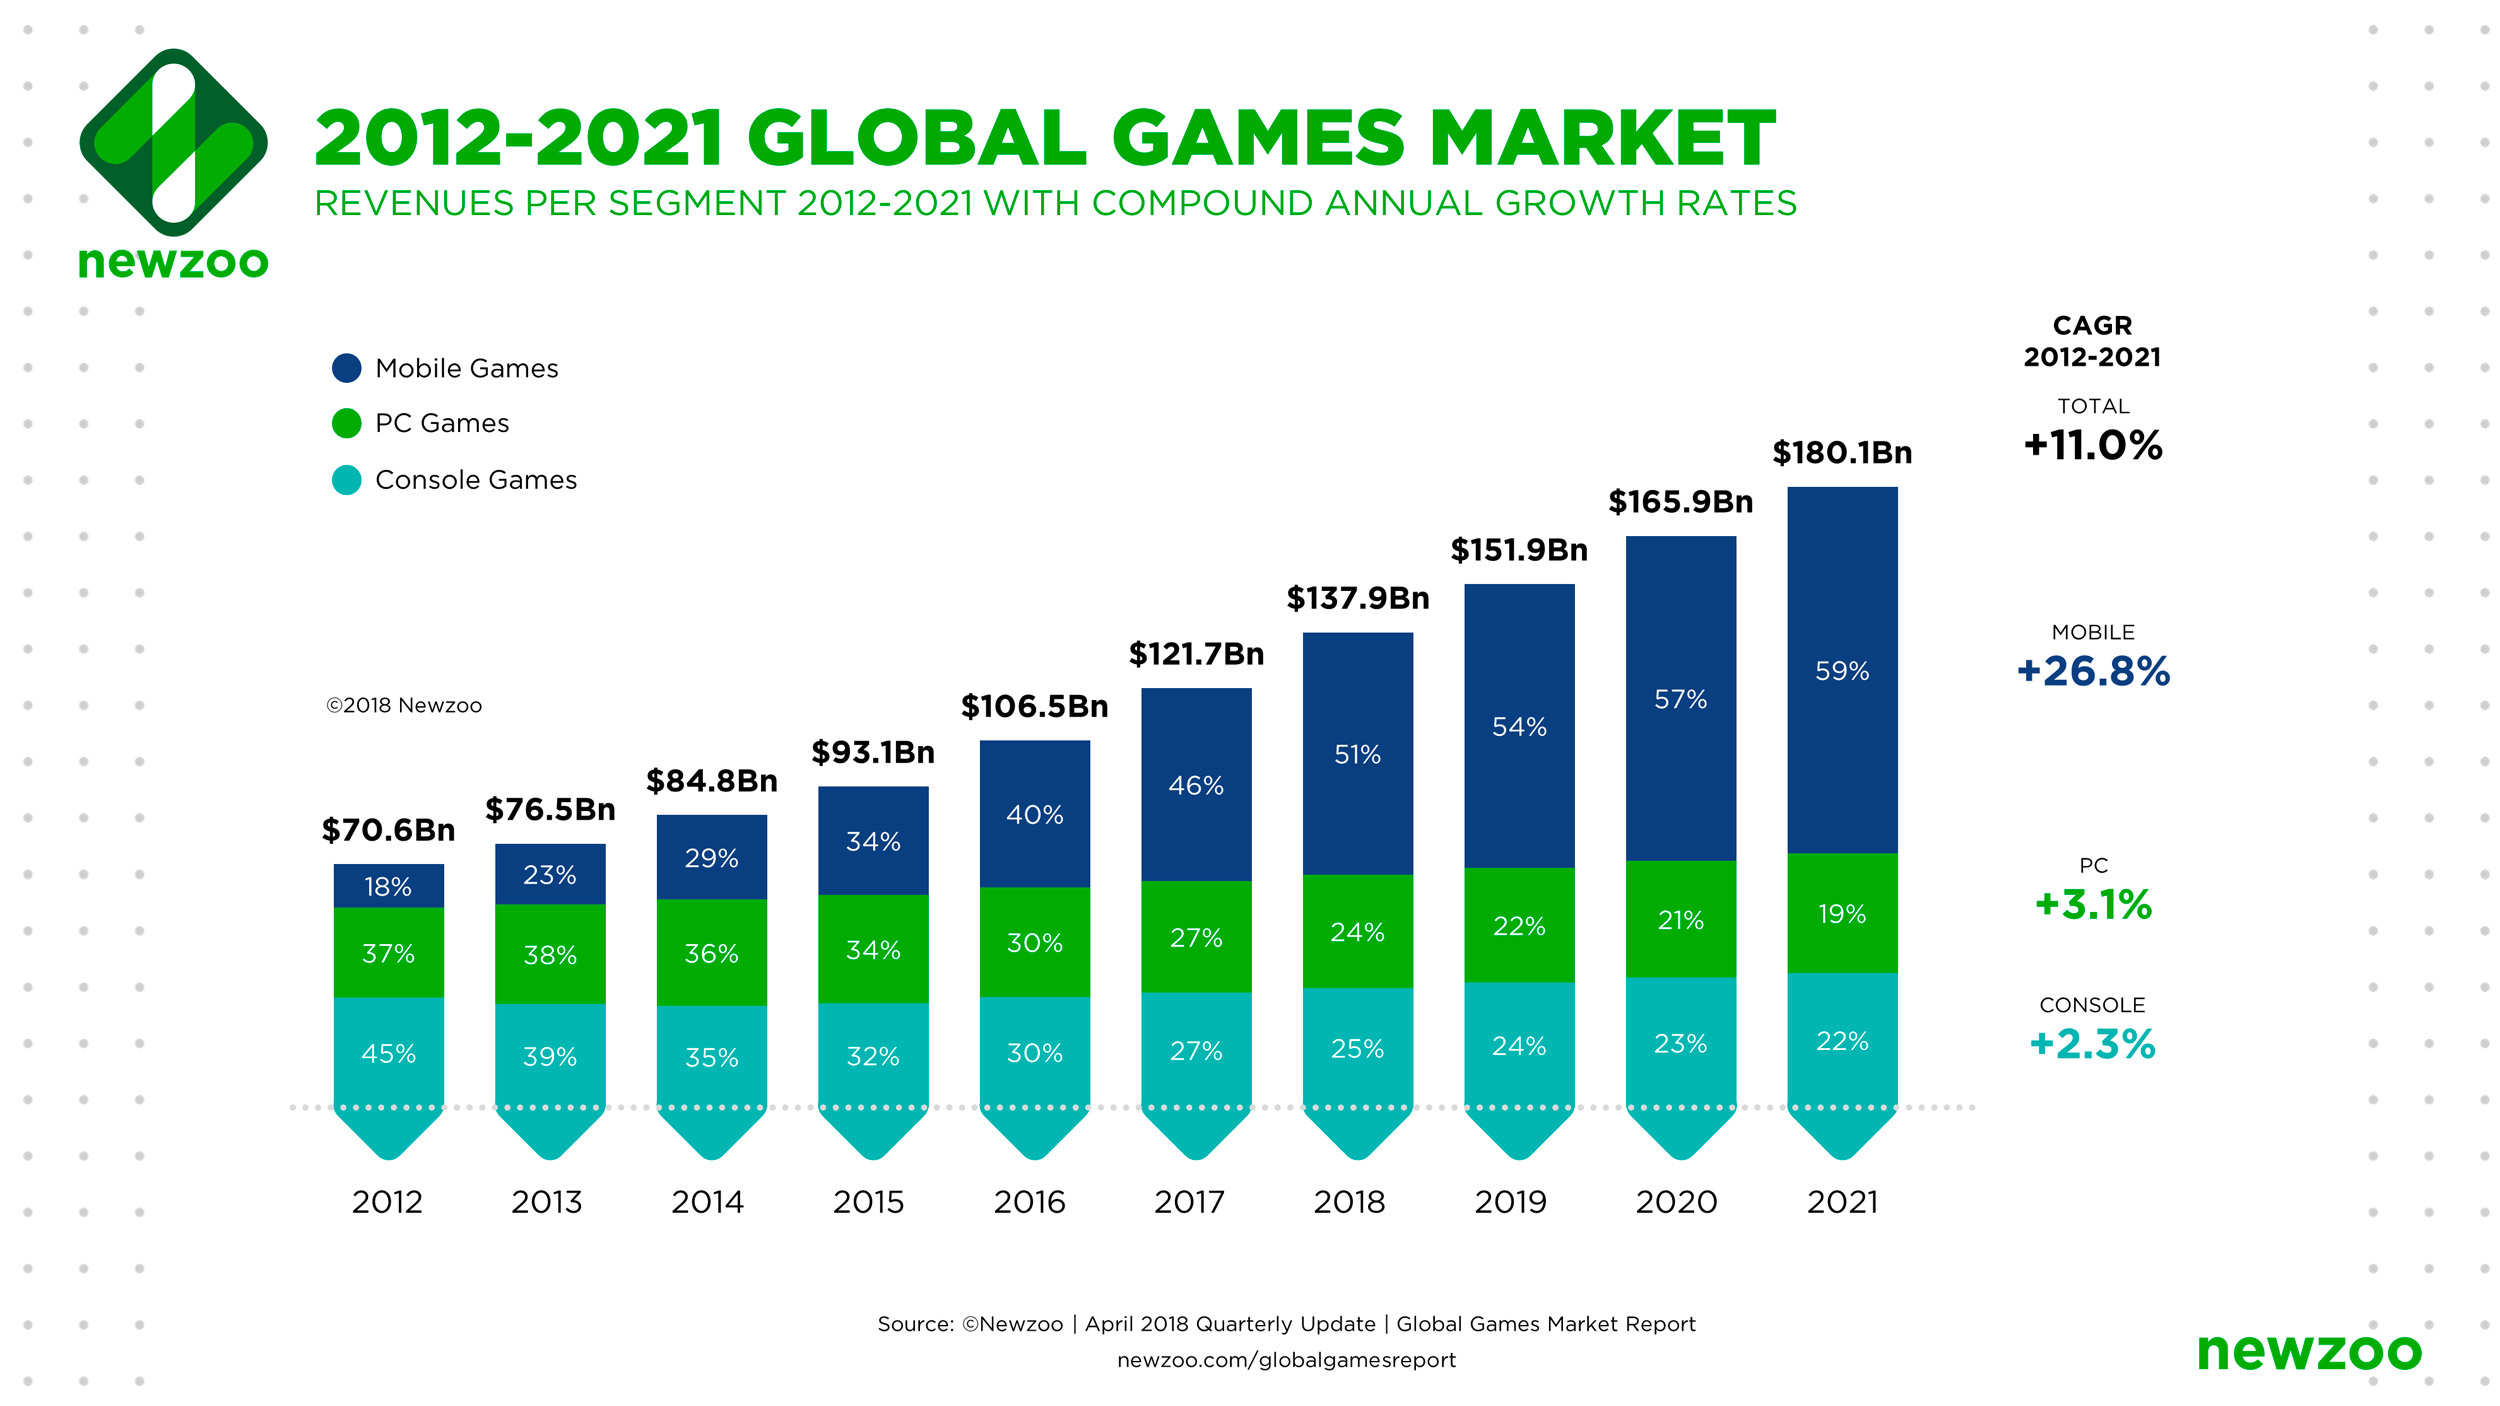 Prévisions de revenus pour 2021